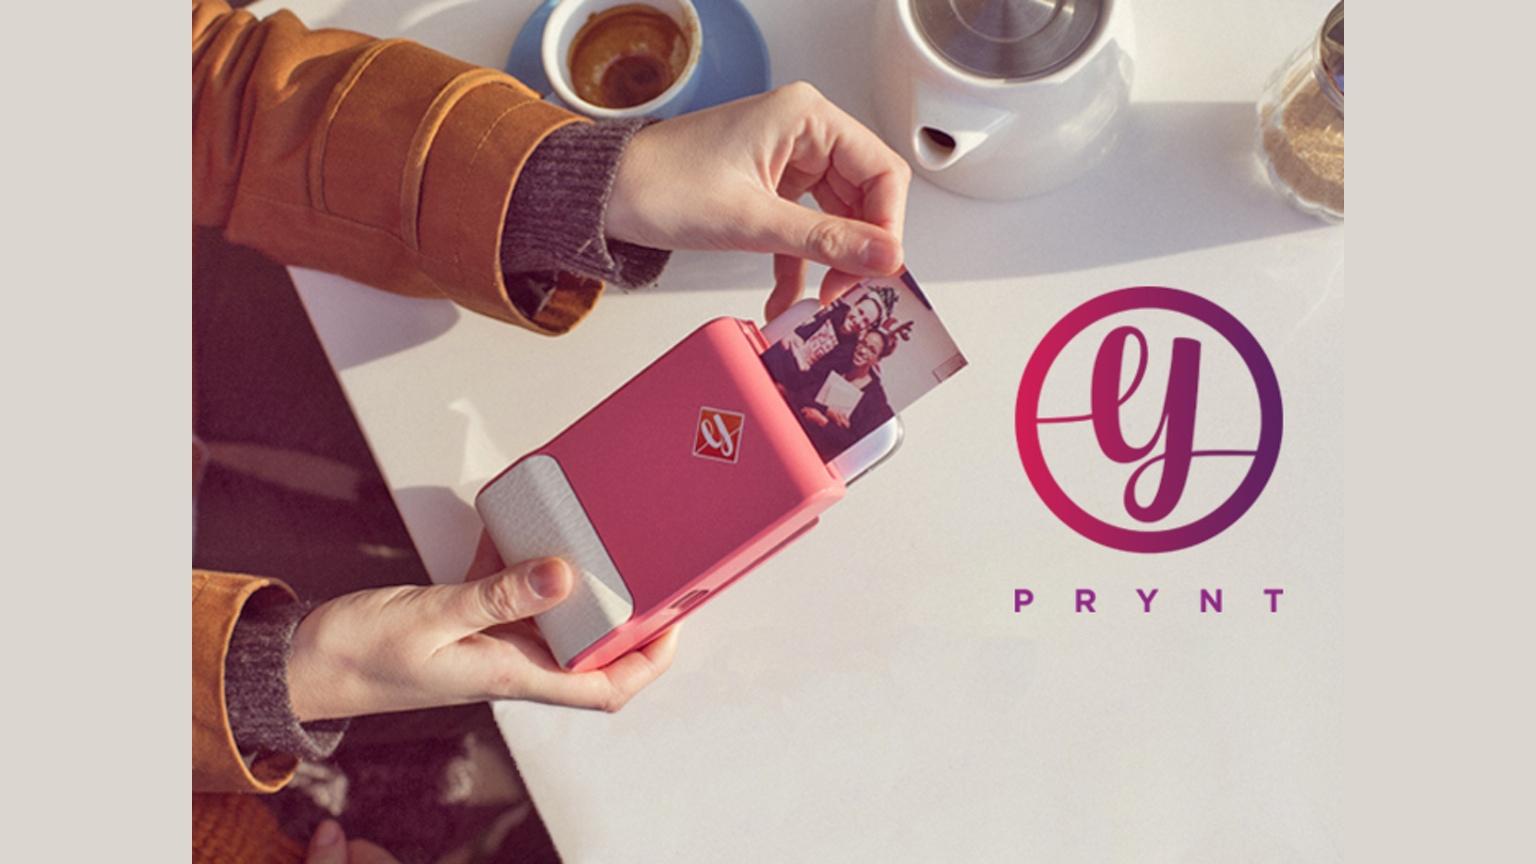 La coque de téléphone qui imprime vos photos arrive sur le marché !